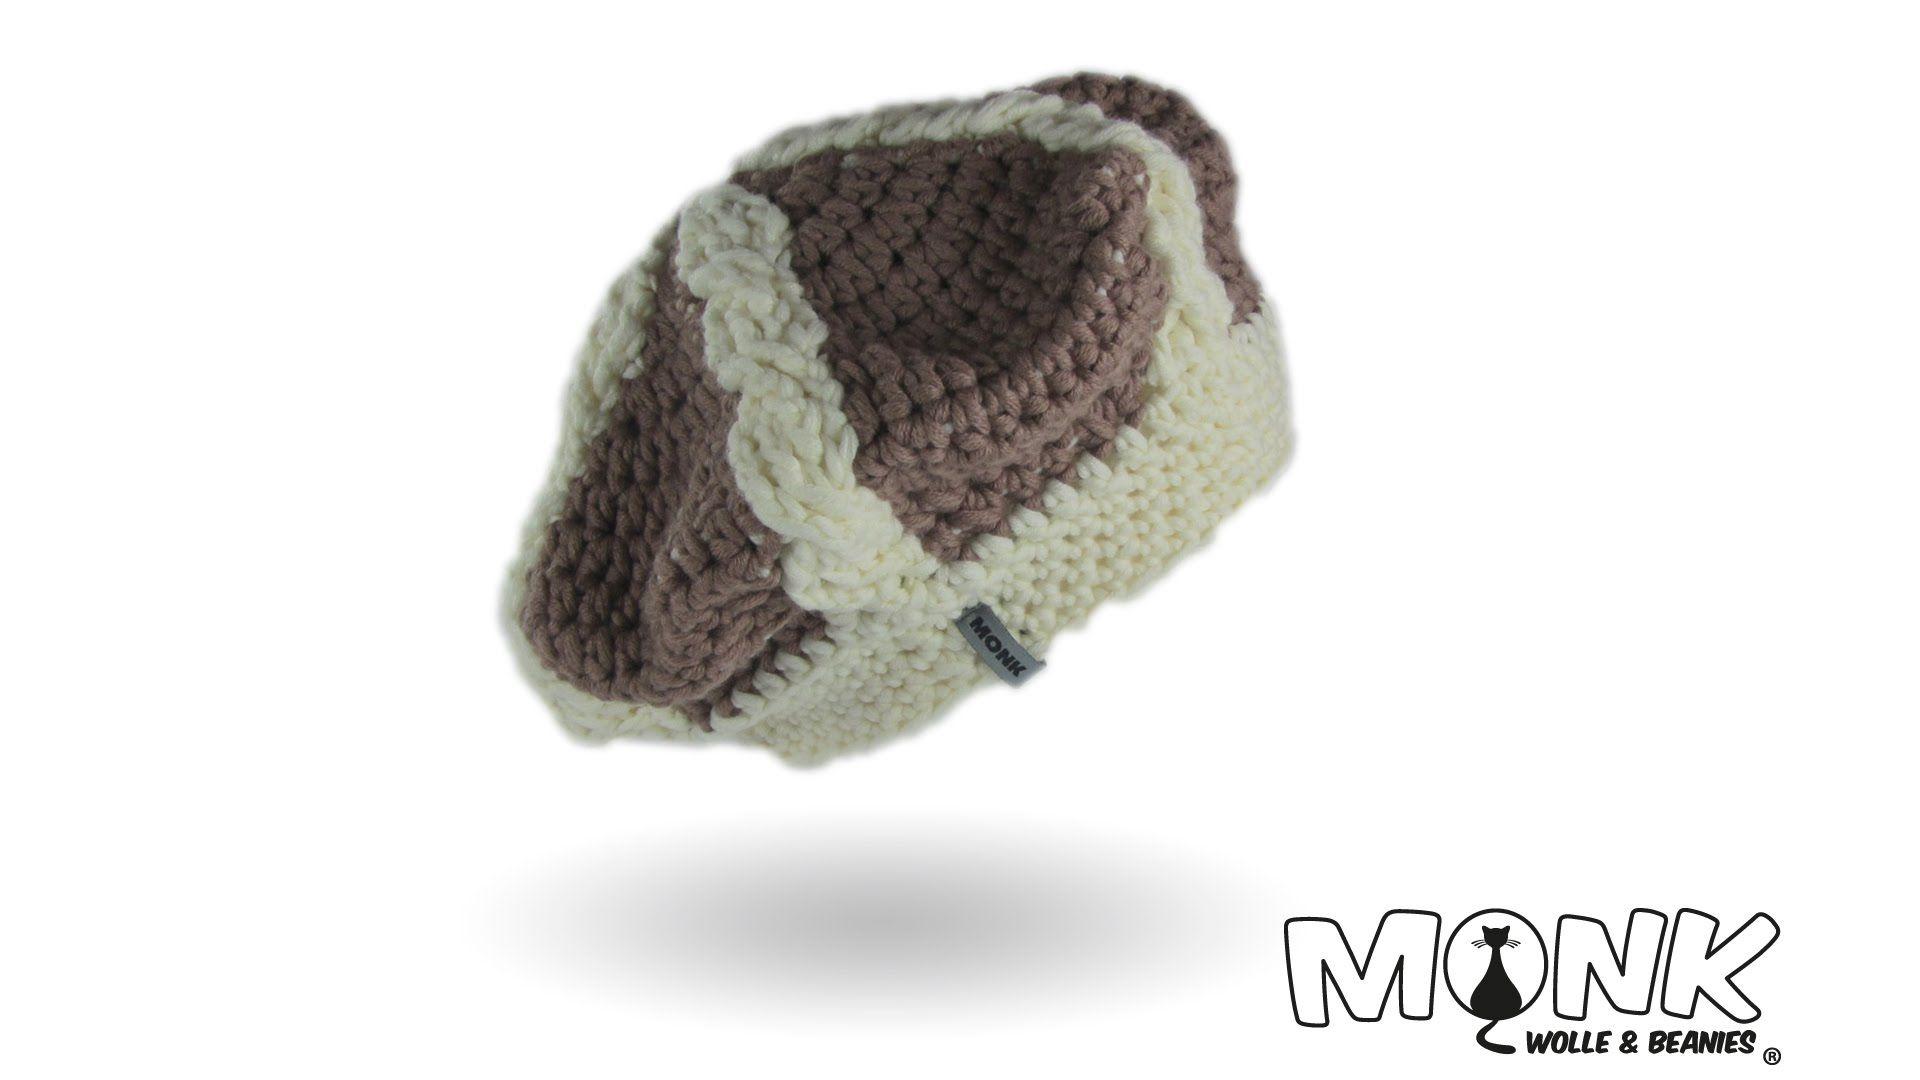 Mütze häkeln - Basken-Beanie mit Zopfmuster häkeln Teil 1 ...